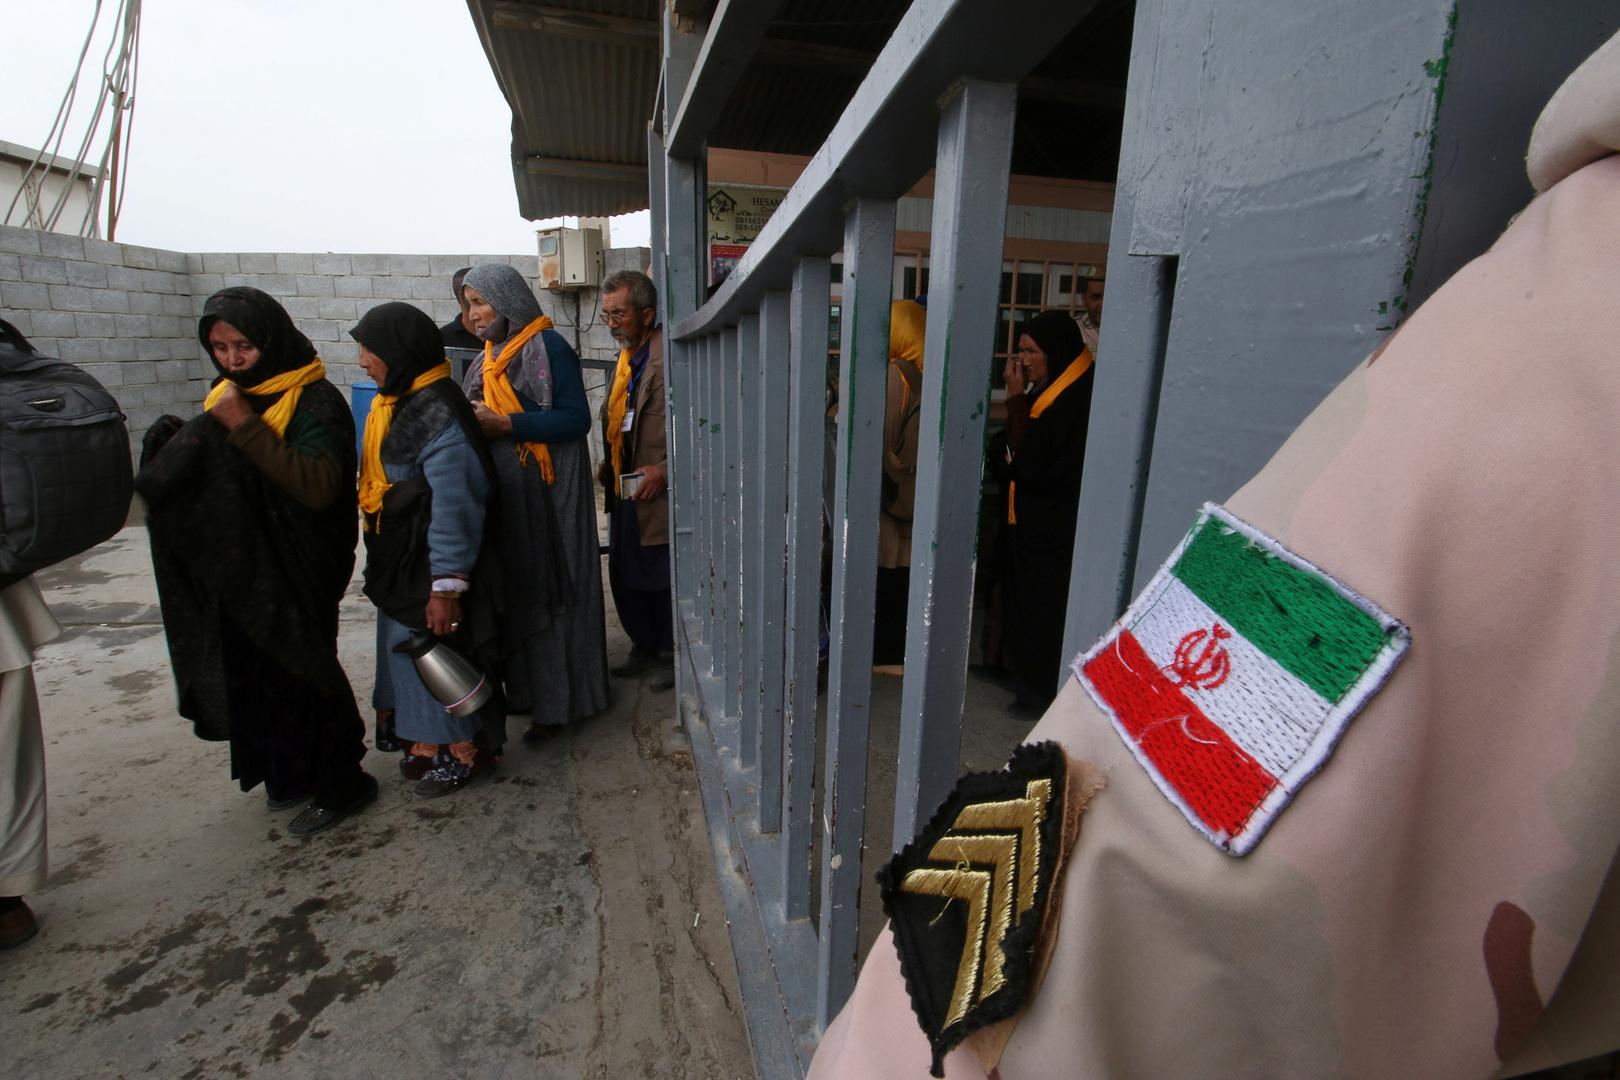 السلطات العراقية تنصح مواطنيها بعدم السفر إلى إيران